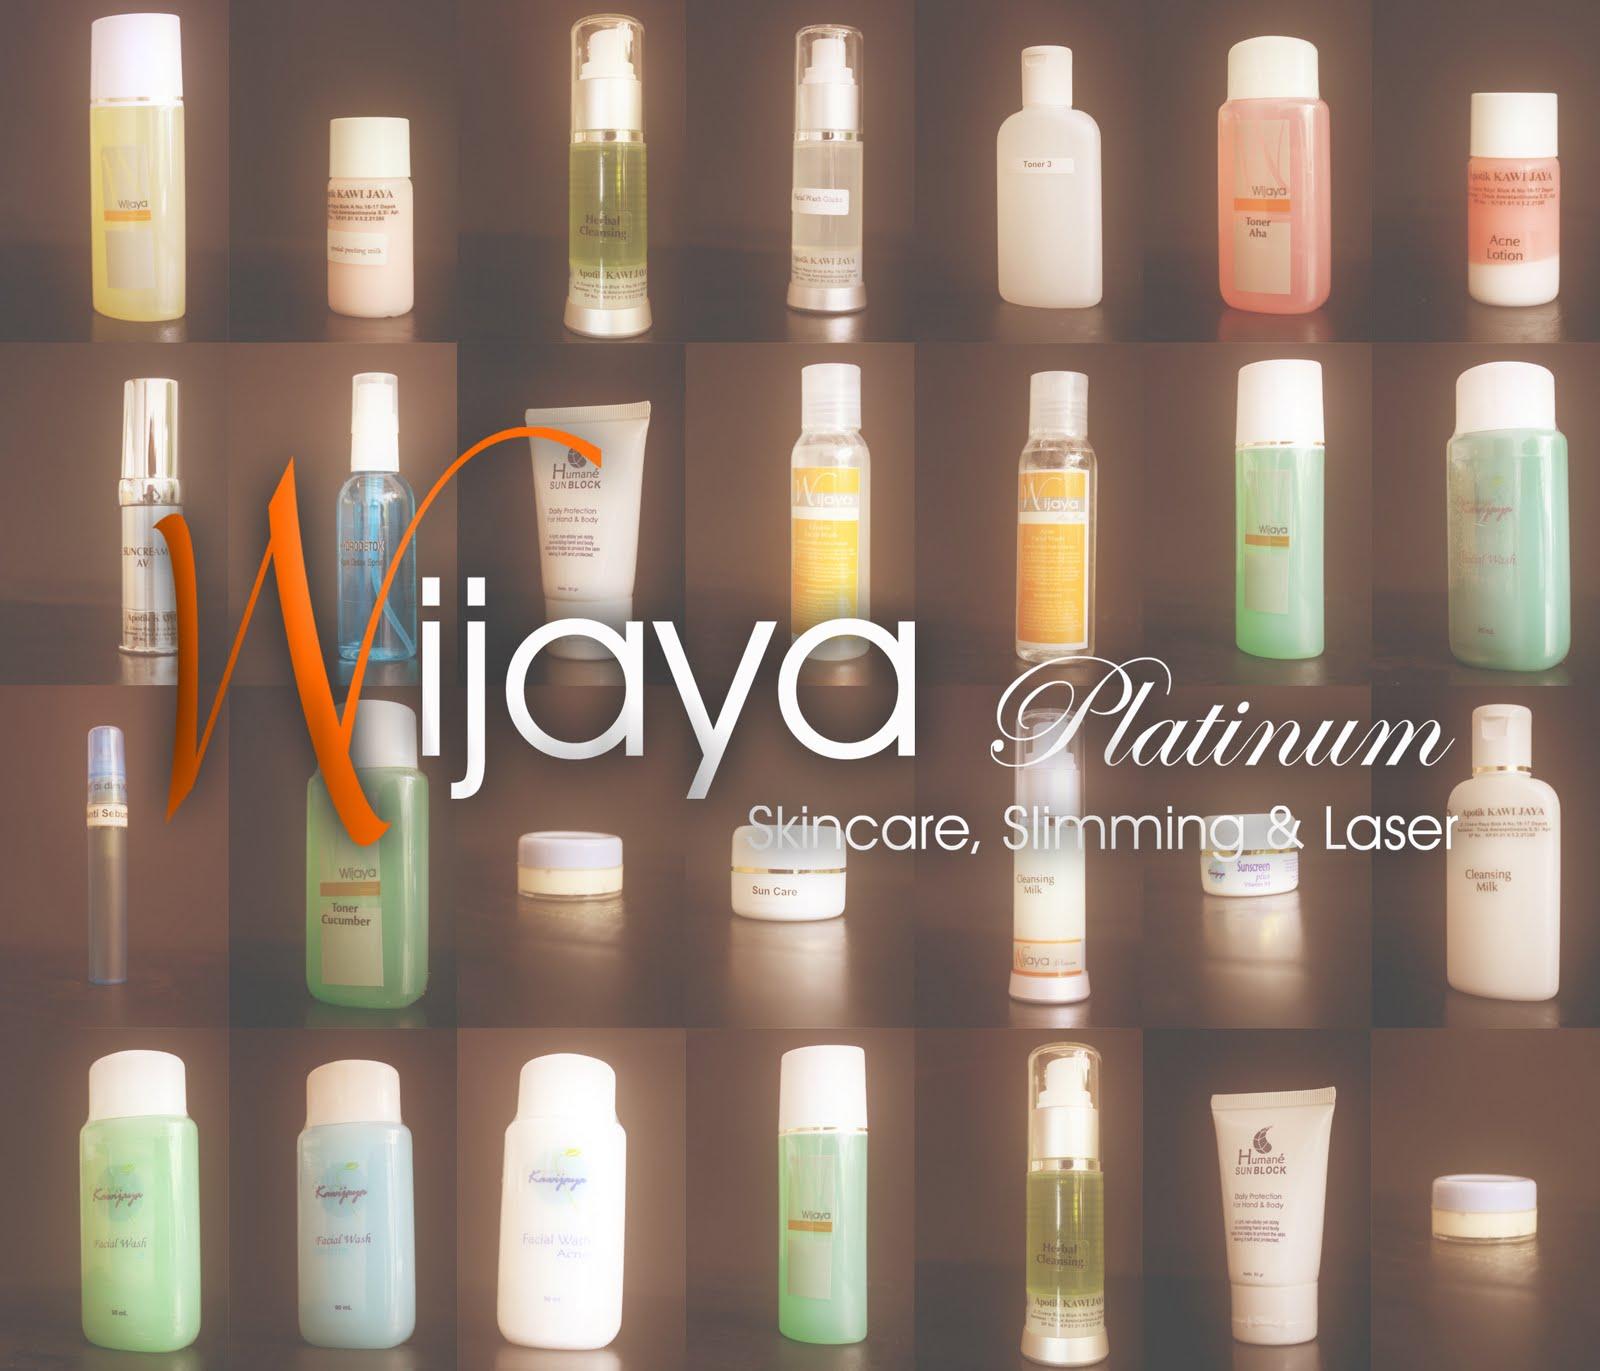 Wijaya Skincare Platinum